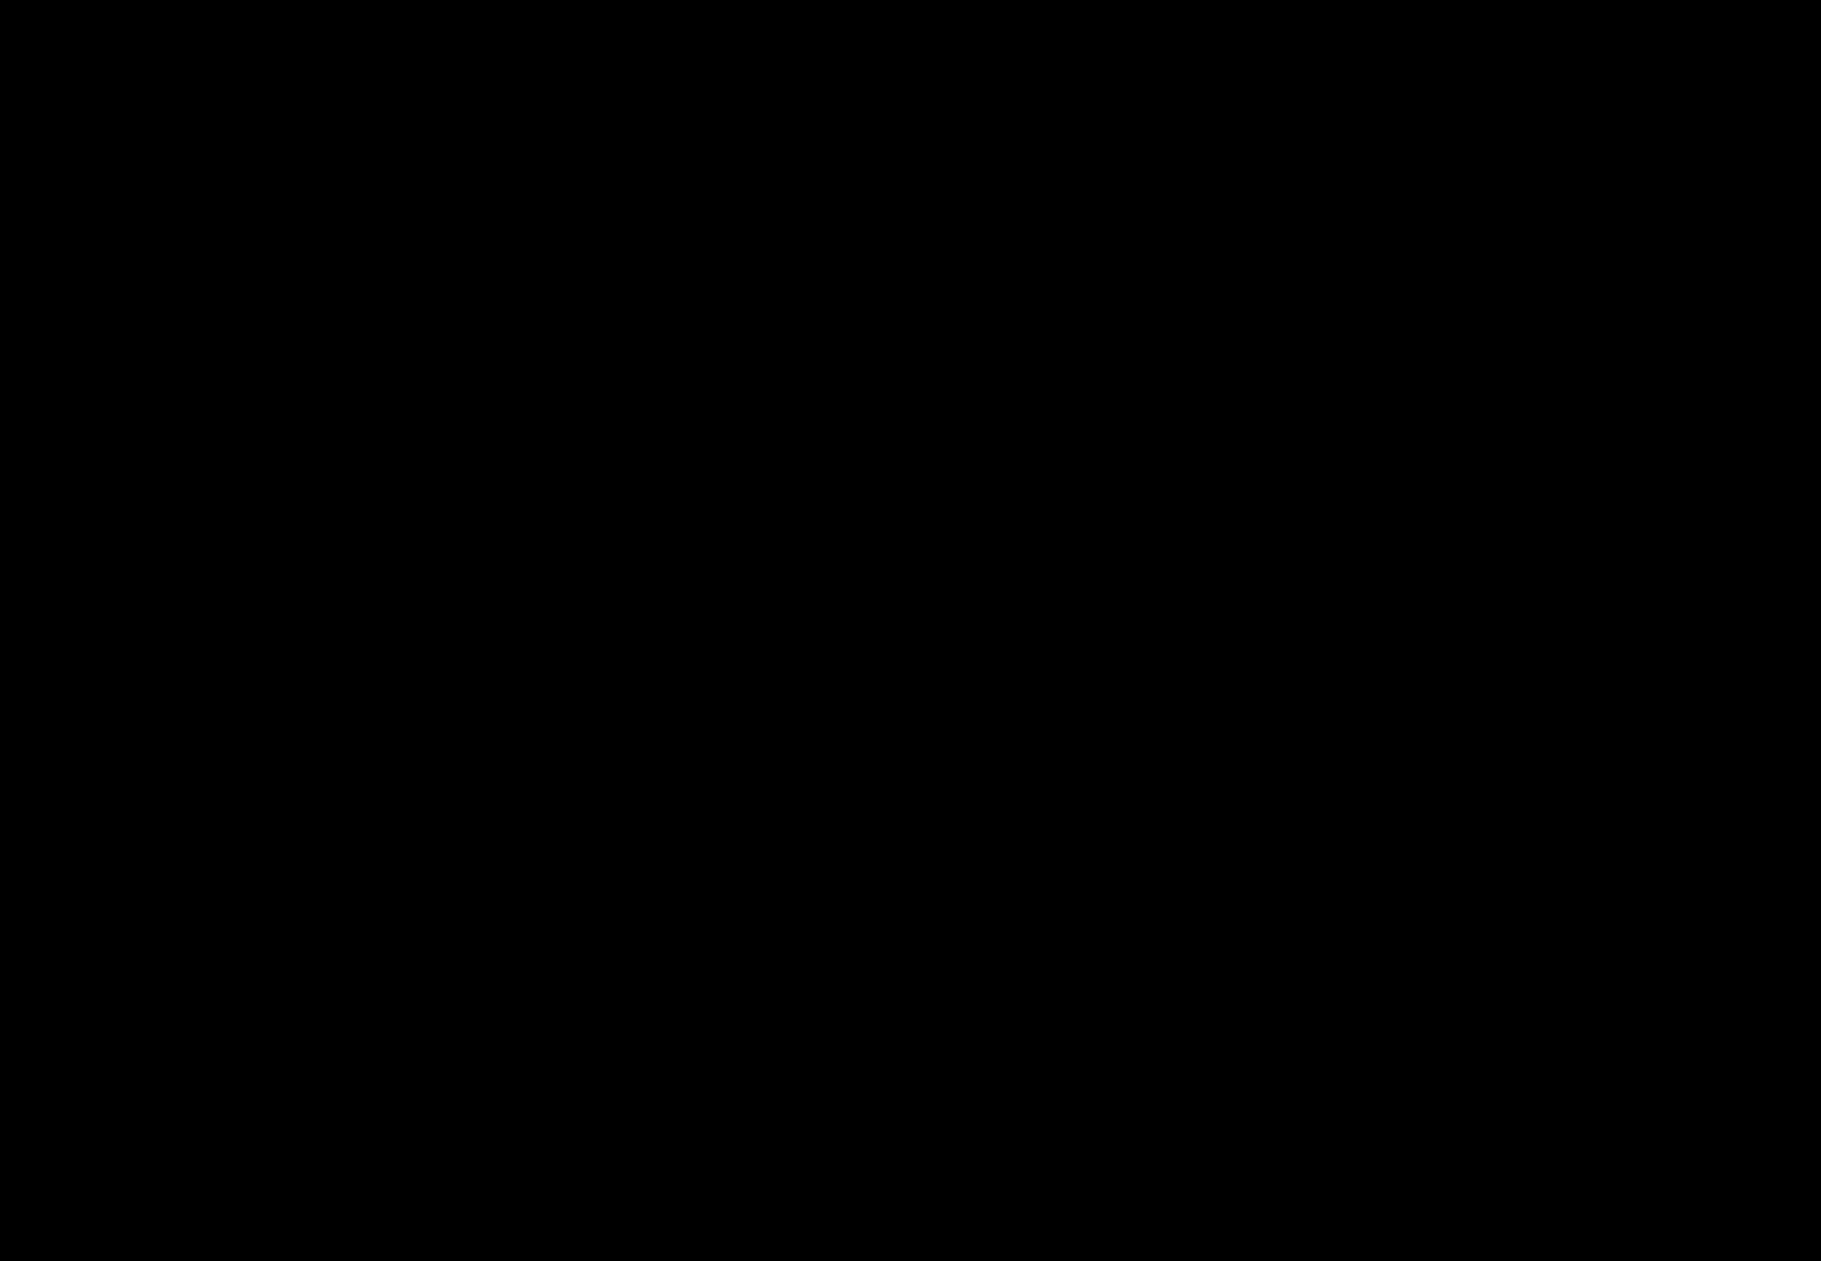 2021_04. Hintergrund Muster 2